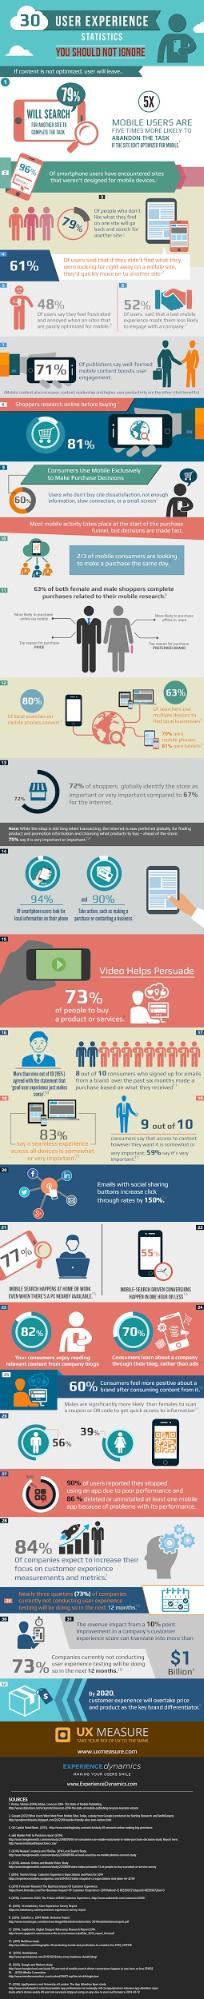 tiny-infographic